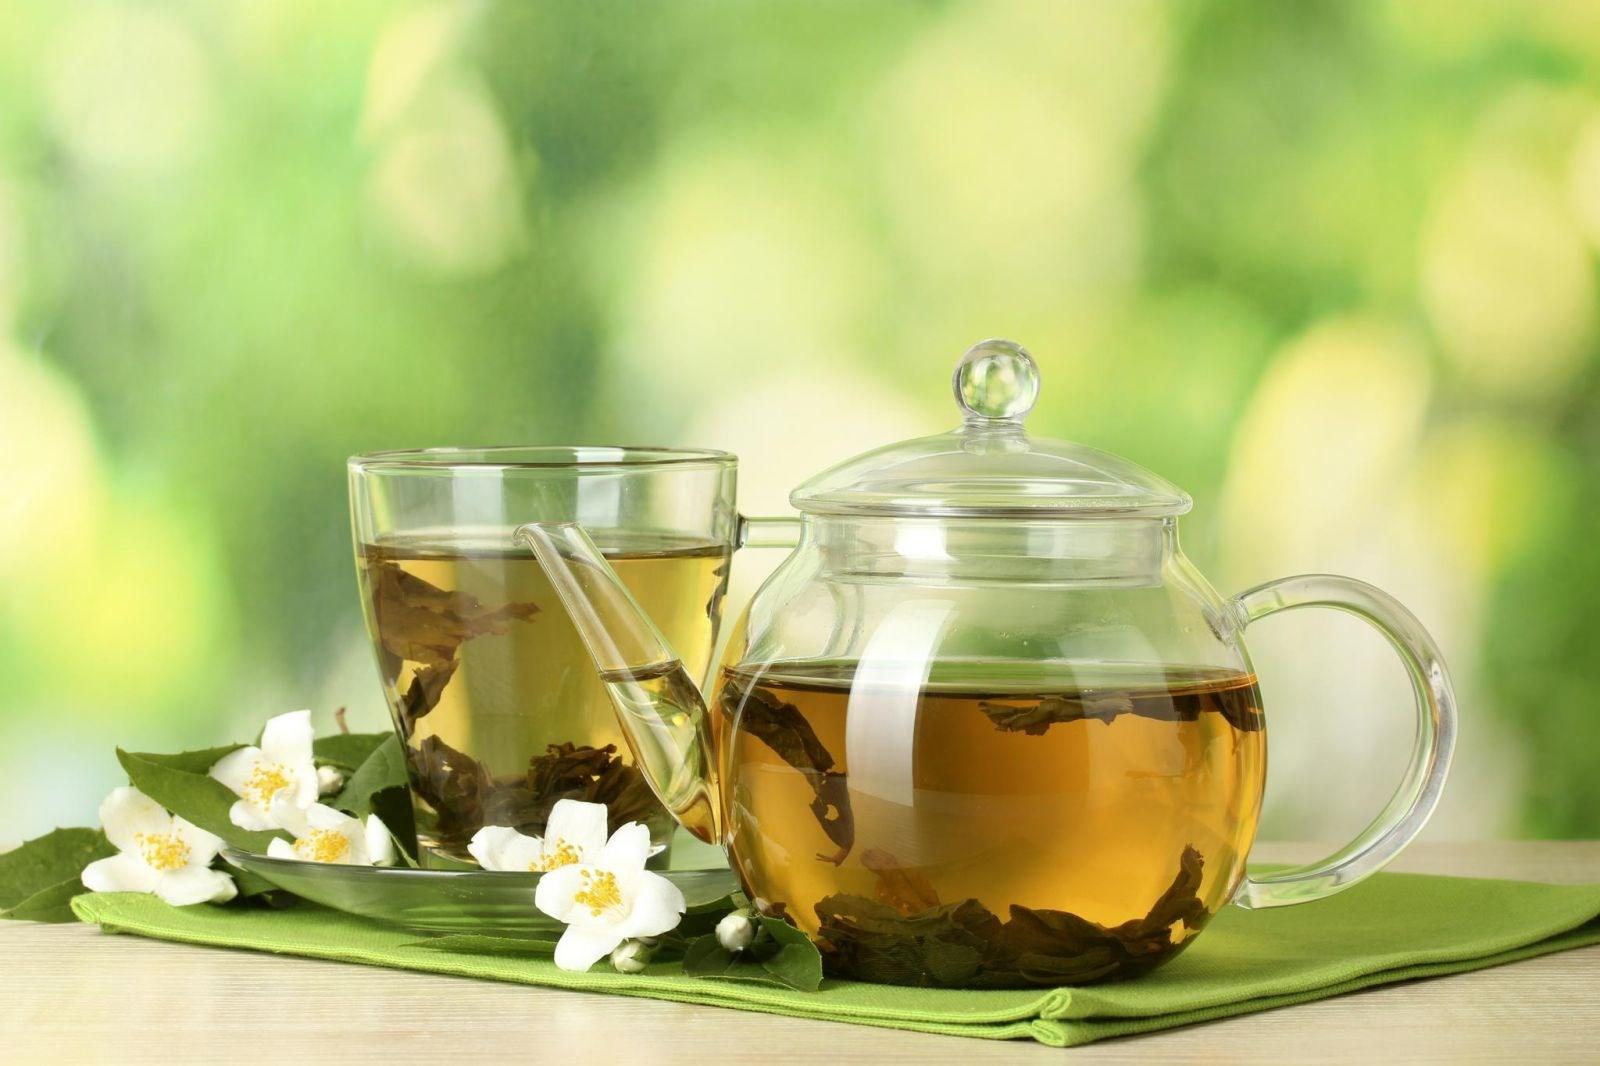 Nước trà đặc có tác dụng hiệu quả trong việc đánh bóng đồ gỗ